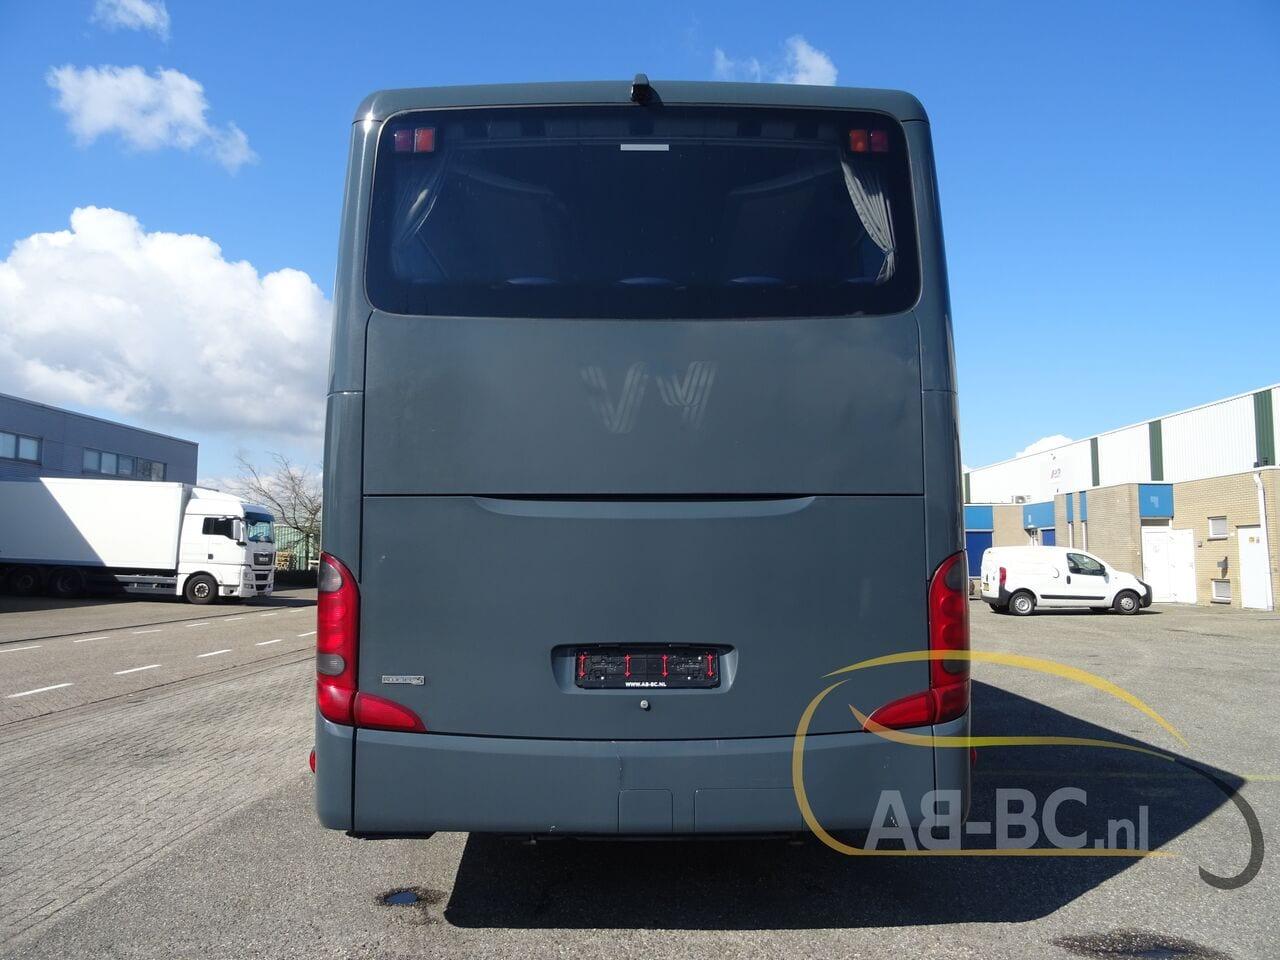 coach-busSETRA-S415-GT-HD-FINAL-EDITION-51-SEATS-LIFTBUS---1620381882508053566_big_b6a191a4f4e588aabc09fe08e081c929--21050713010665719300